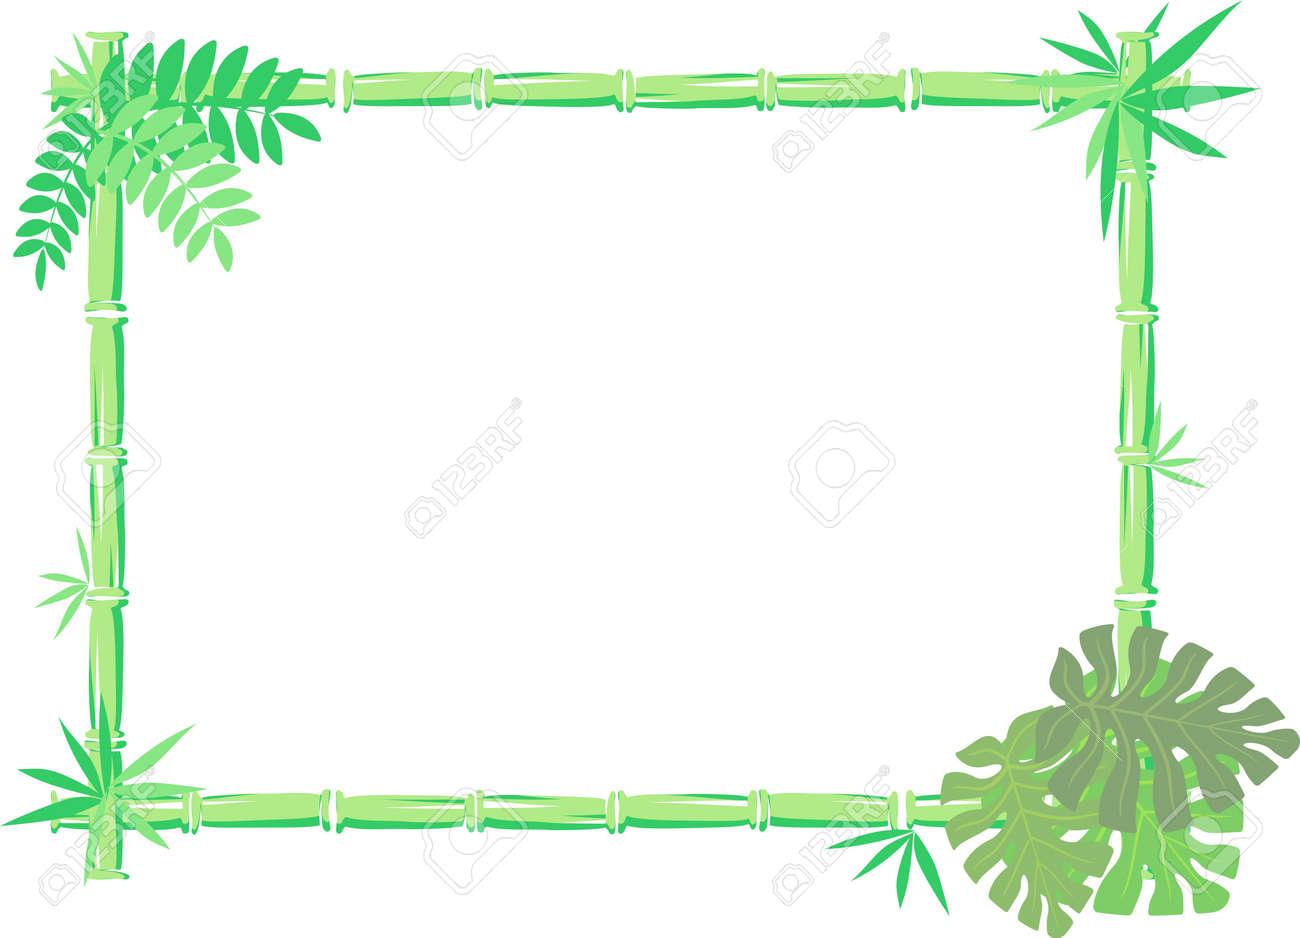 Vektor-Bild Von Bambus-Rahmen Auf Weißem Hintergrund, Einzelne ...